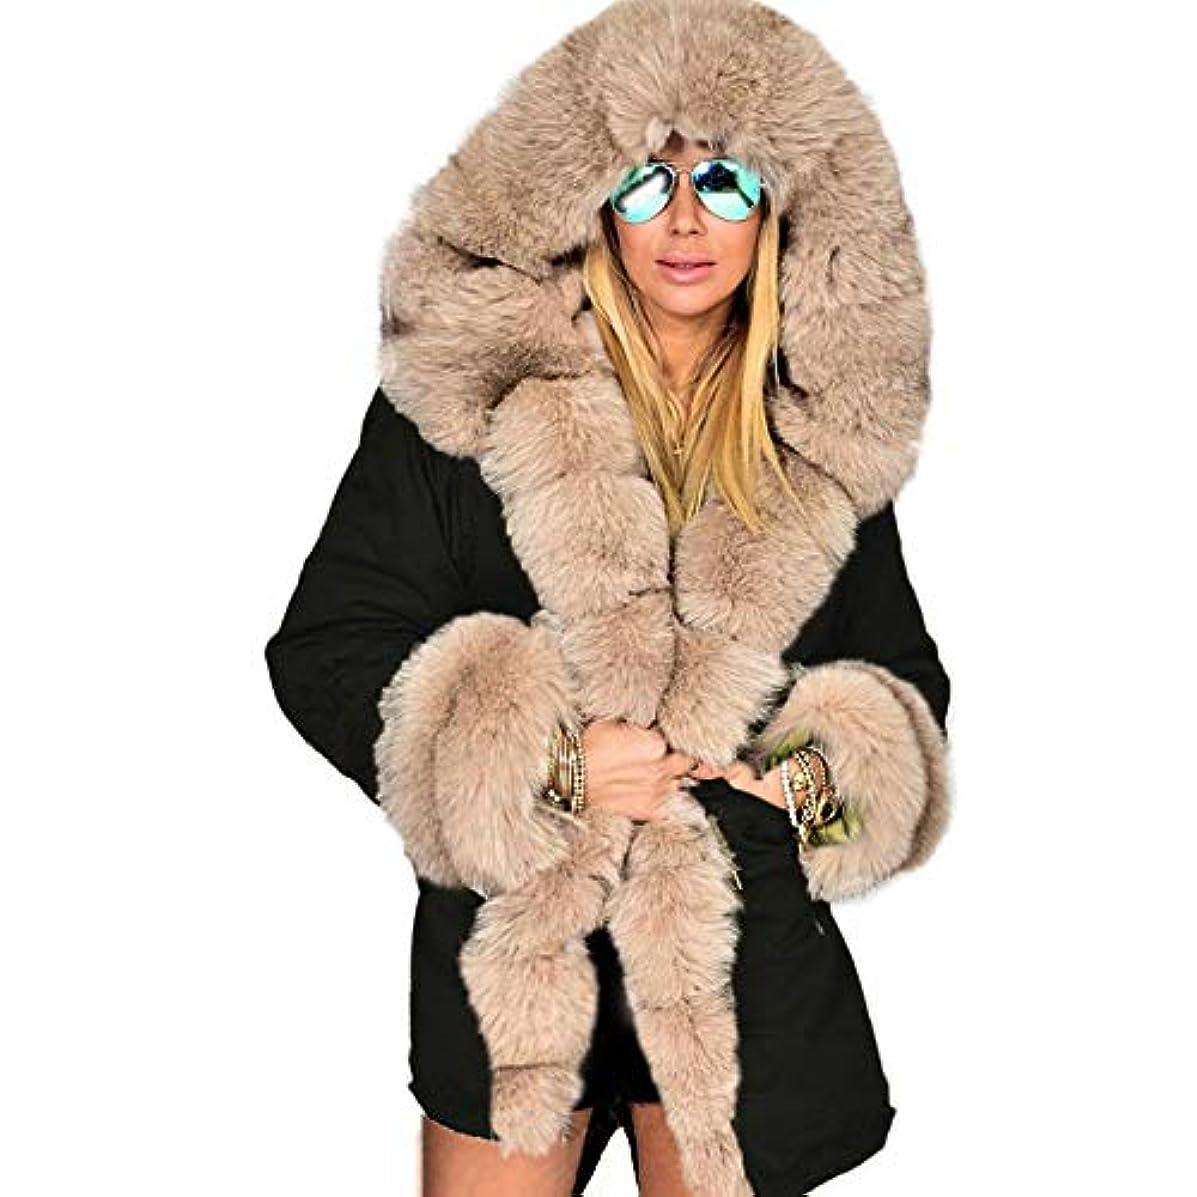 測る大洪水以内に冬ジャケット女性ファッションフードコートフェイクファーカラーコットンフリースウォームコートパーカスパーカープラスサイズロングコート,L